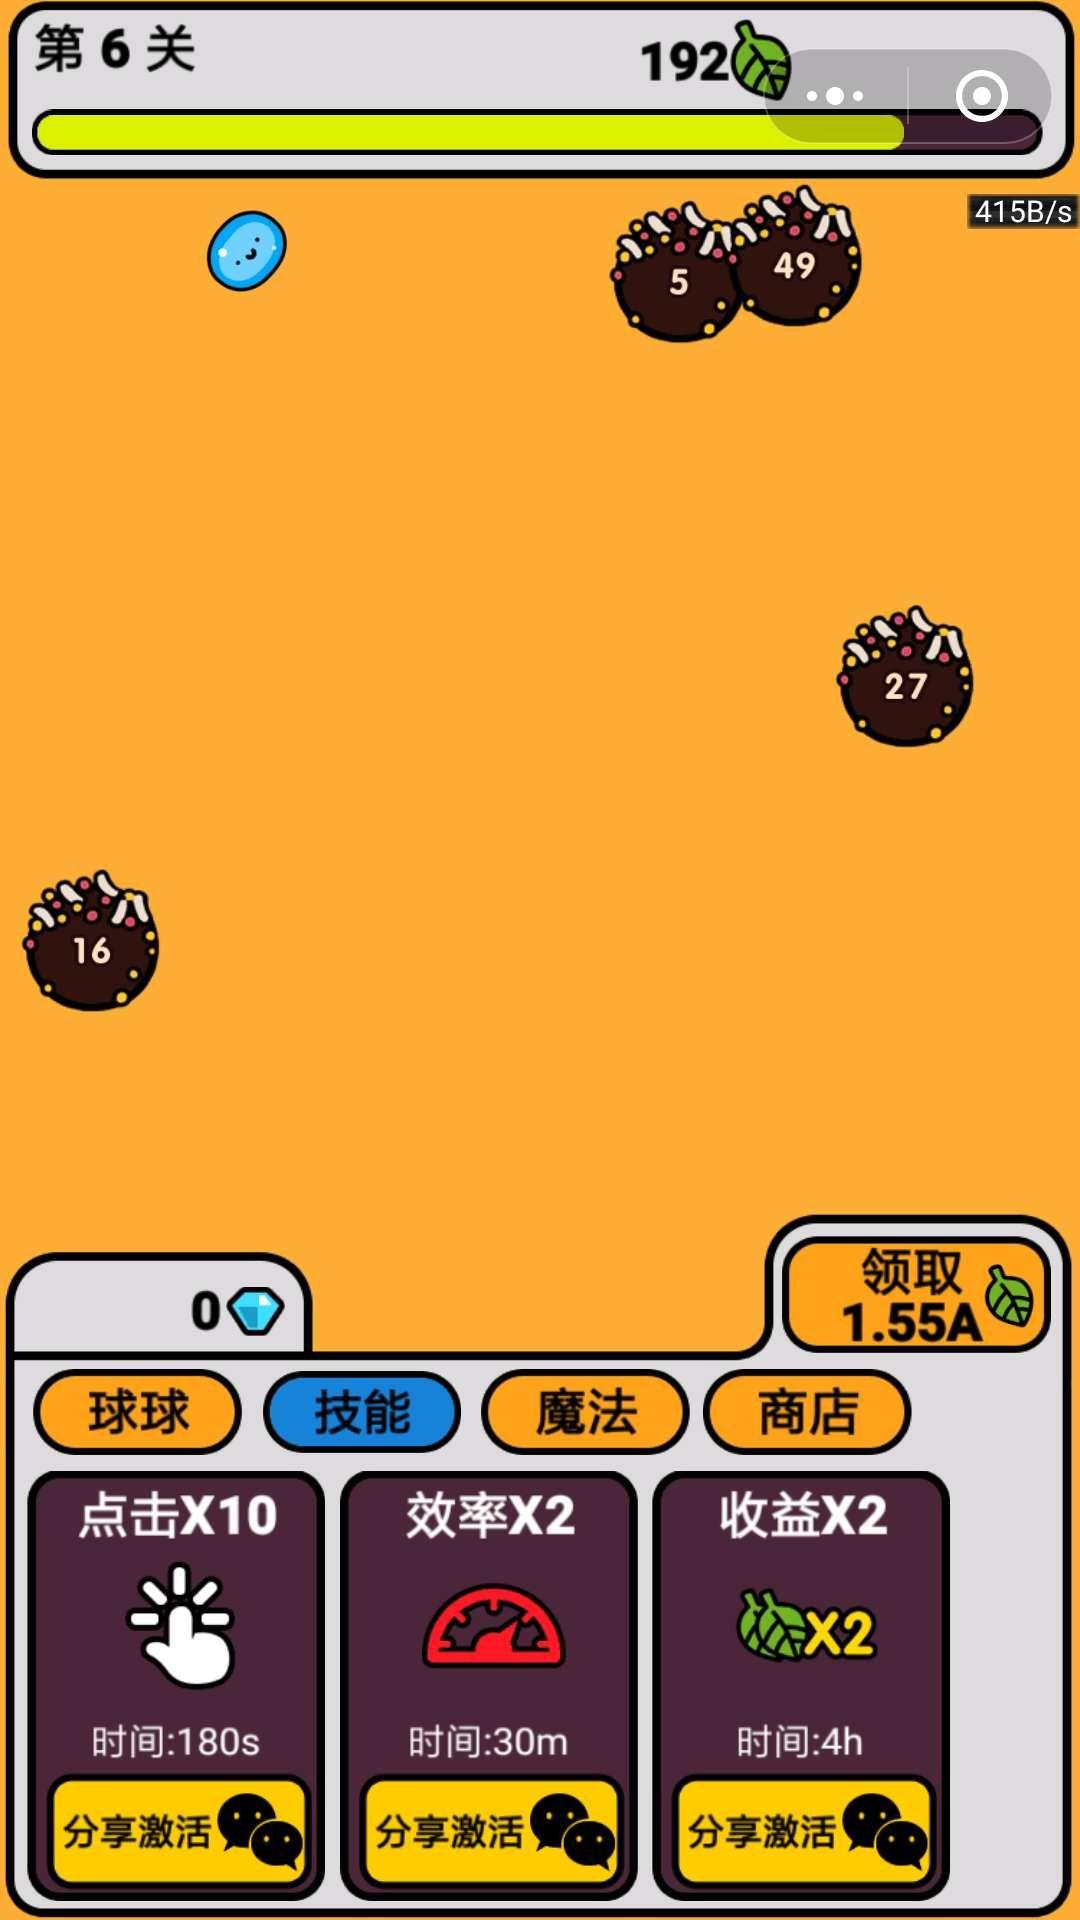 微信球球作战大冒险小程序官方正版下载图2: